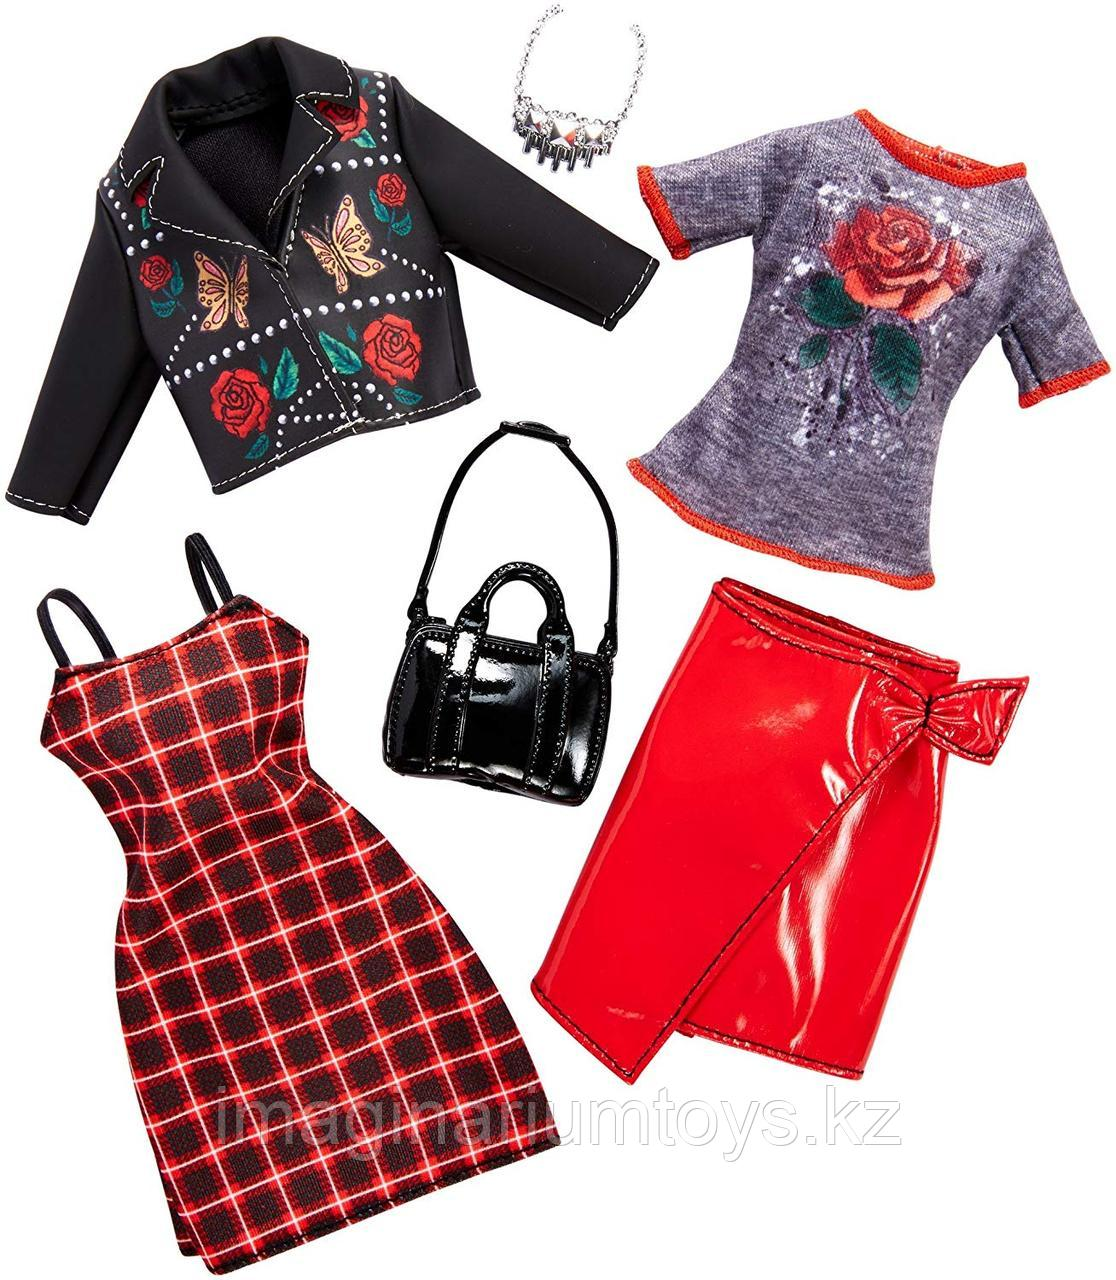 Набор одежды для кукол Барби в стиле Рок